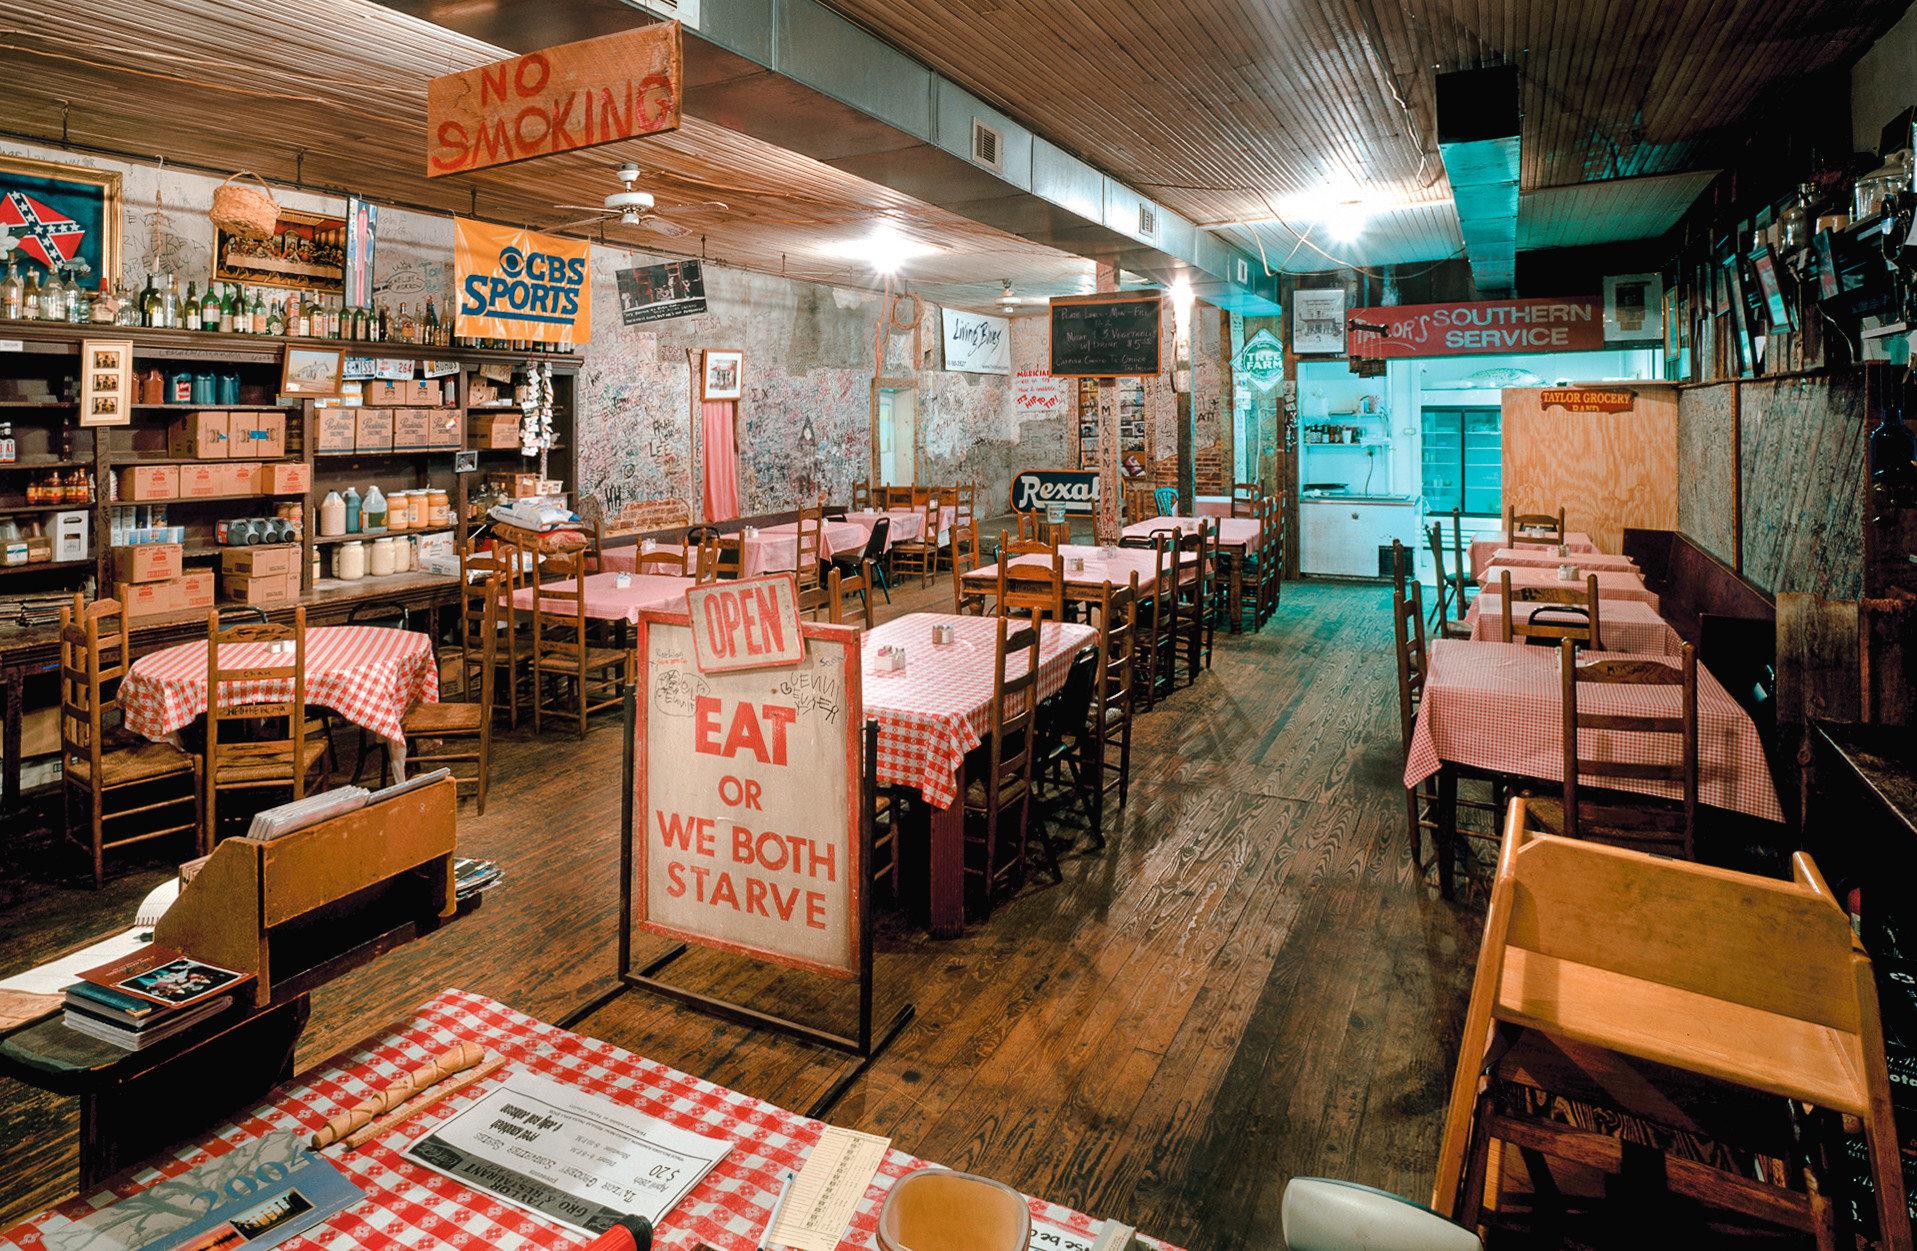 Trip Ideas indoor floor ceiling room interior design restaurant furniture area Shop